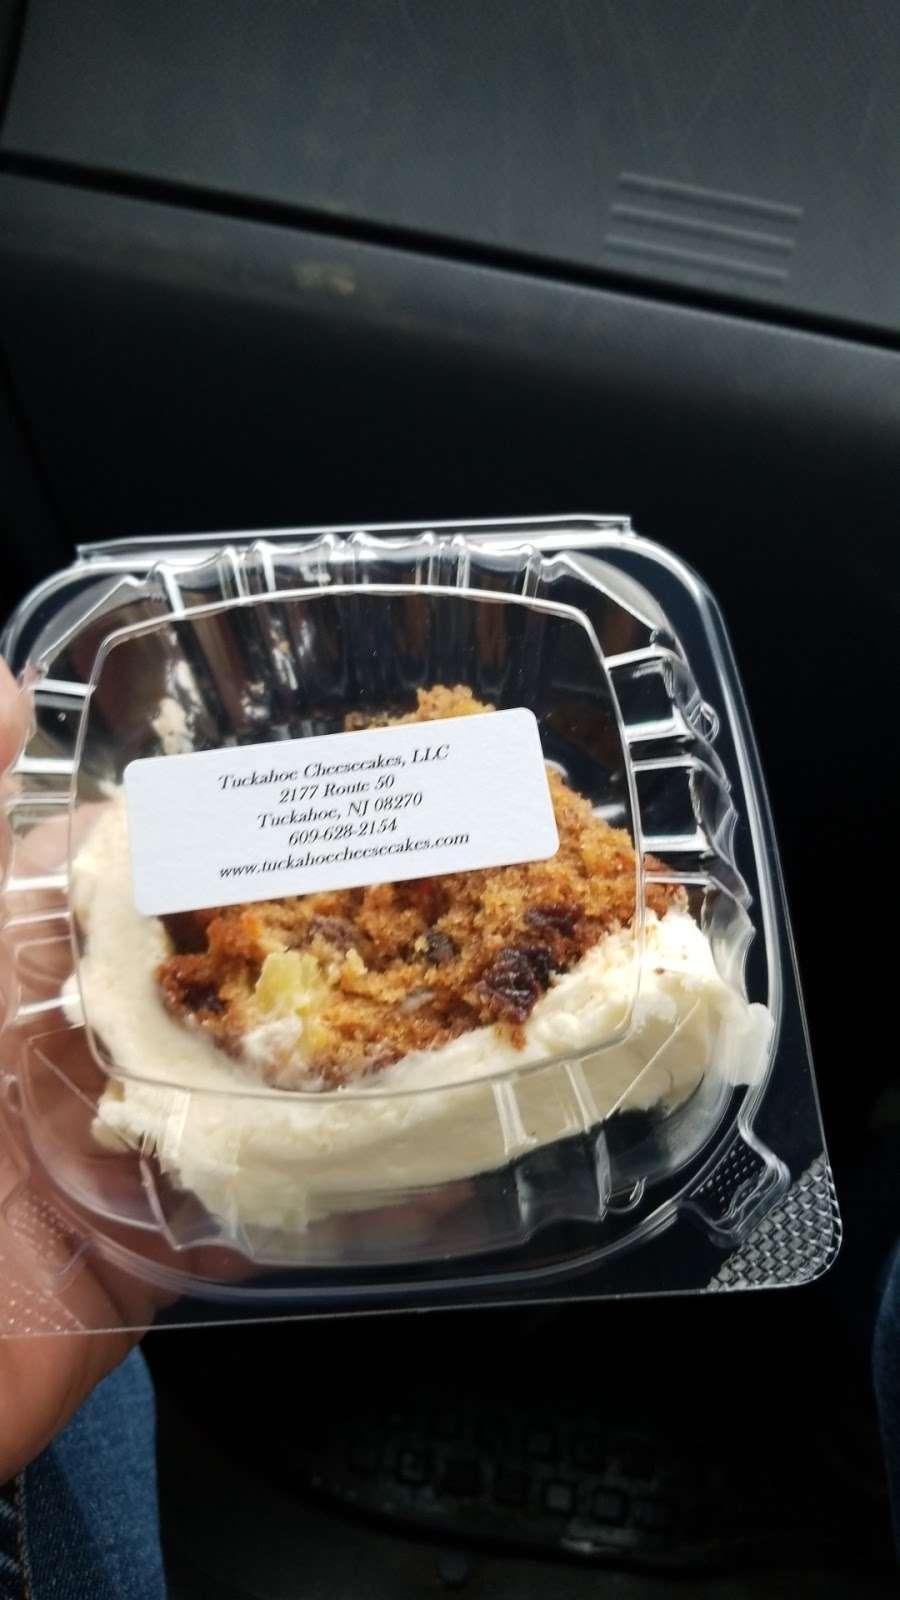 Tuckahoe Cheesecake - bakery  | Photo 8 of 10 | Address: 2177 NJ-50, Tuckahoe, NJ 08250, USA | Phone: (609) 628-2154